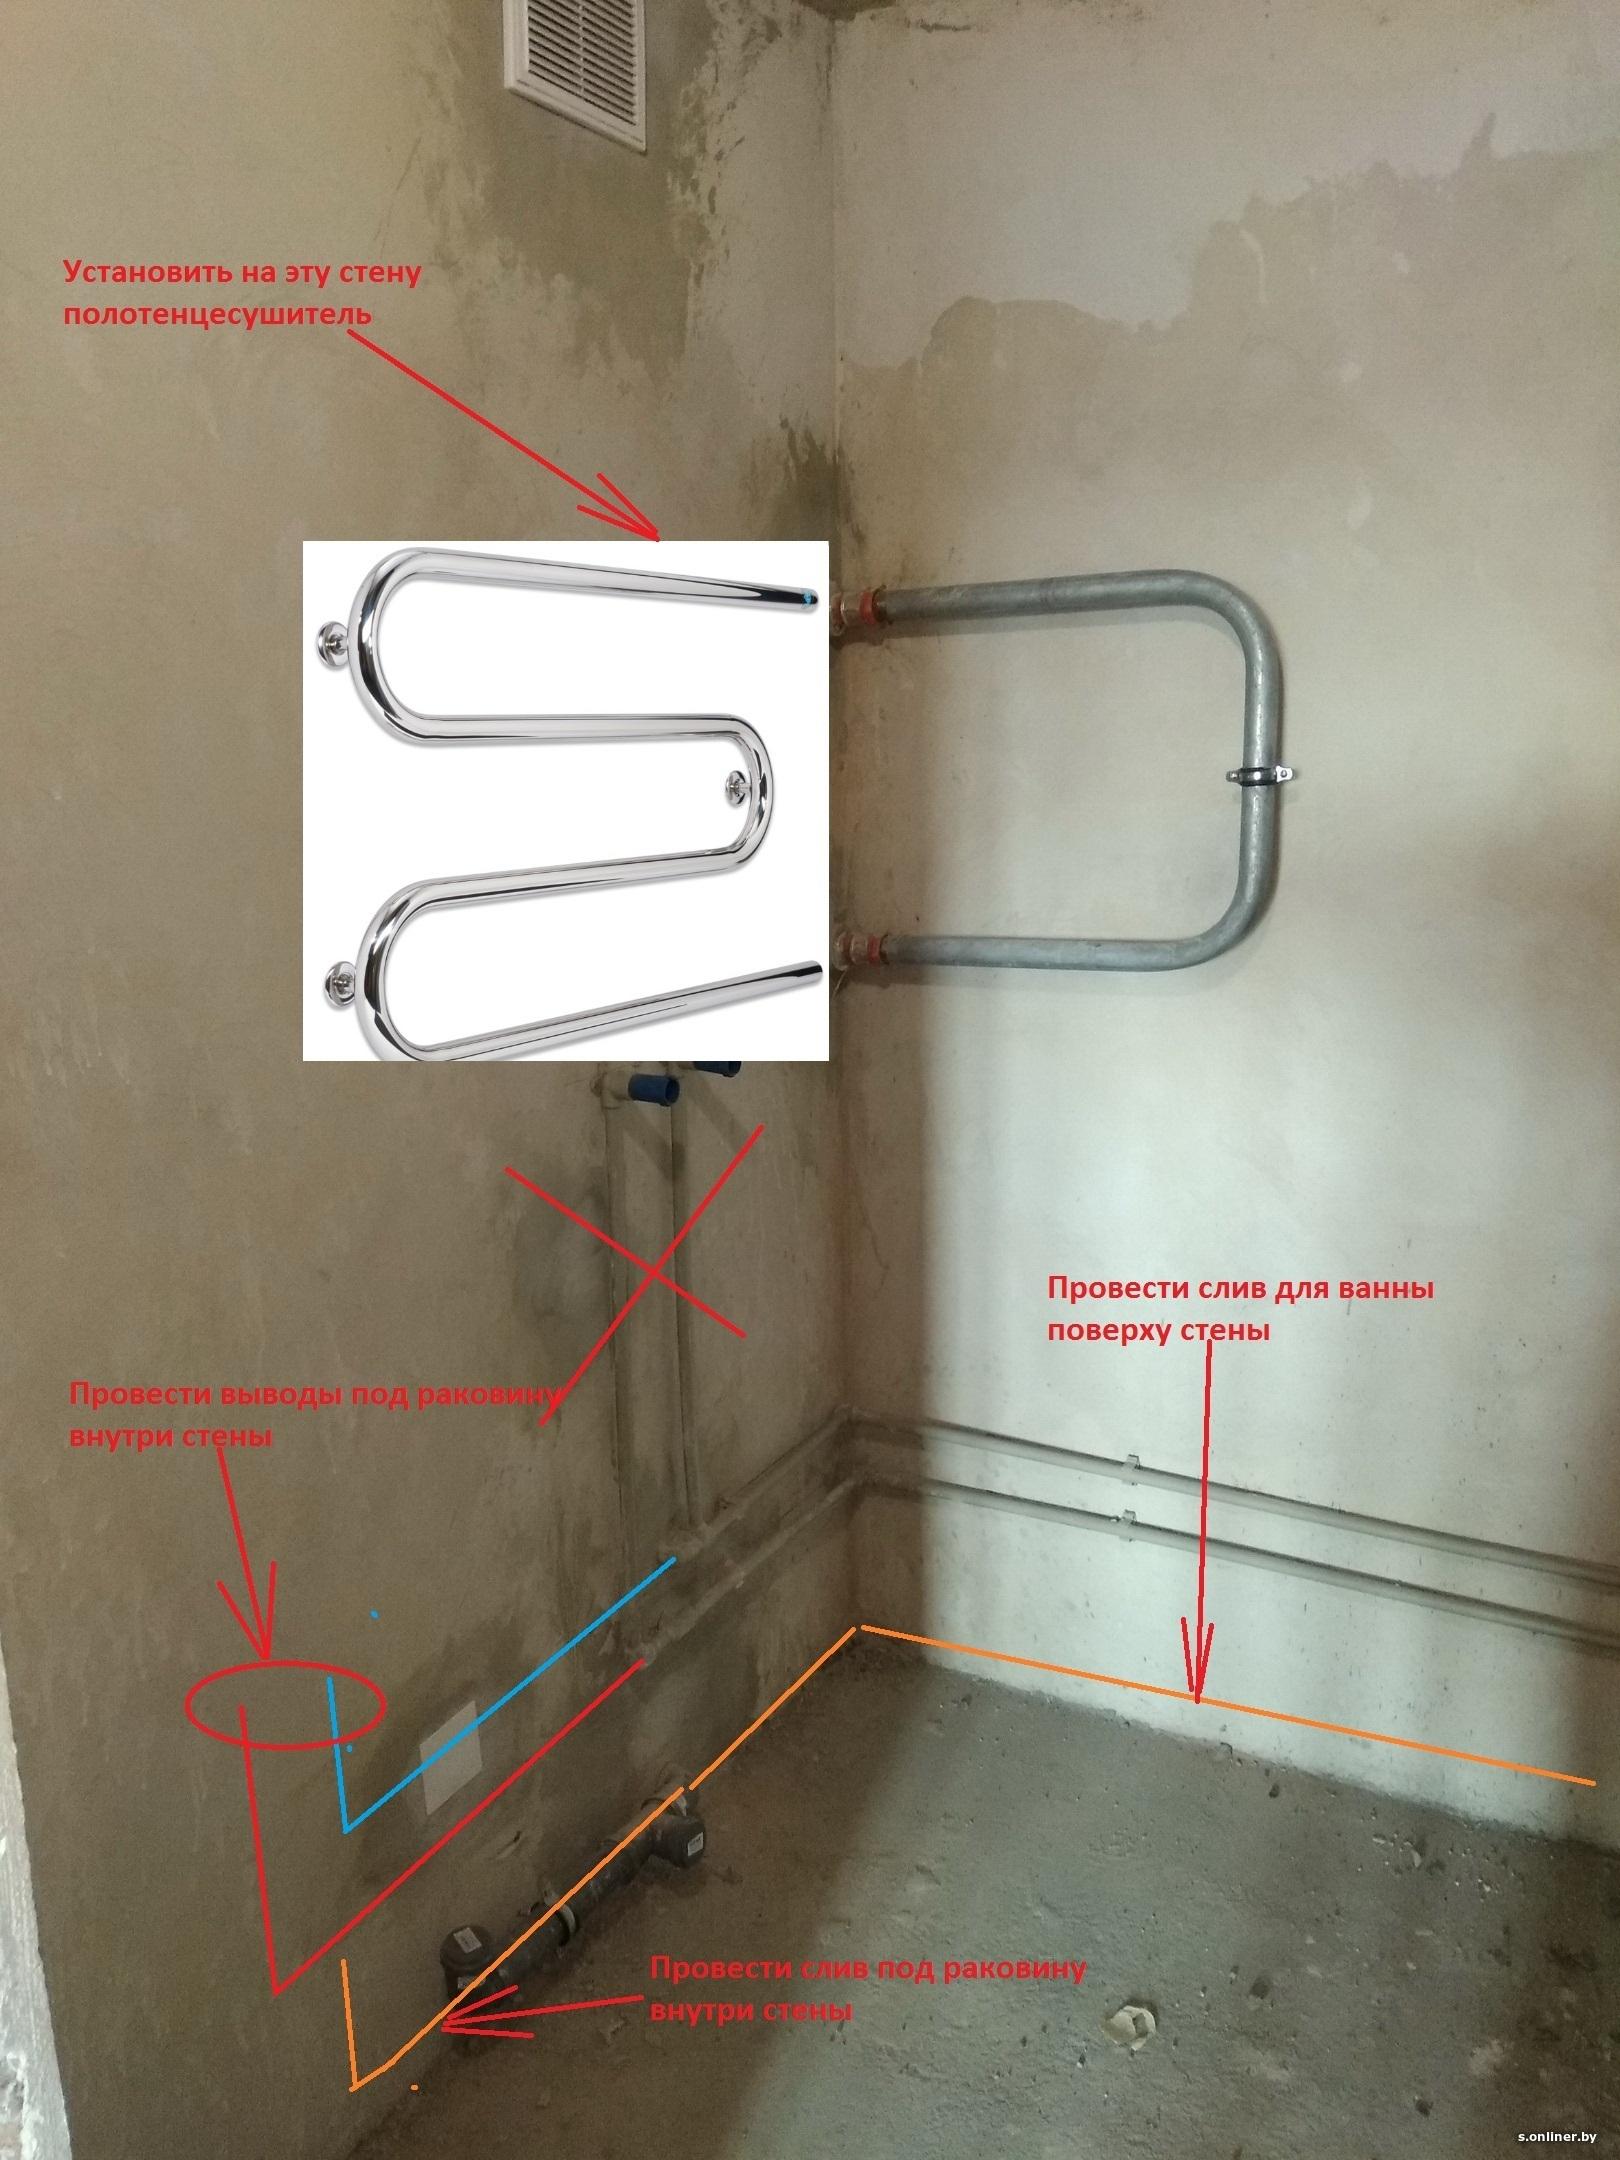 Как заменить полотенцесушитель в ванной: порядок выполнения работ и причины неисправностей